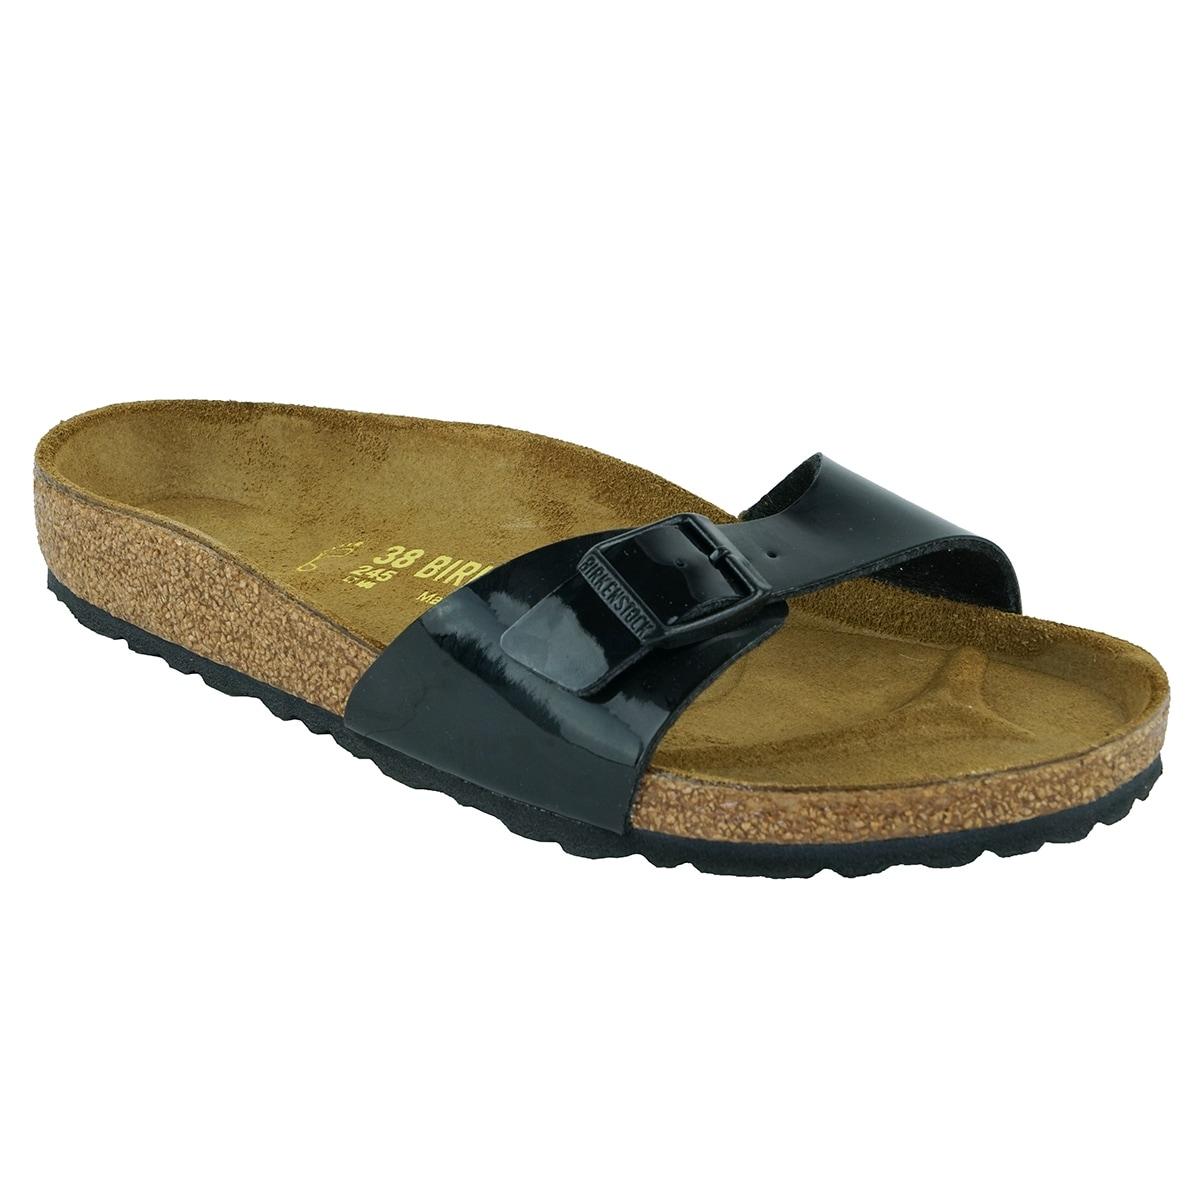 9ed24e13bfbe Birkenstock Shoes